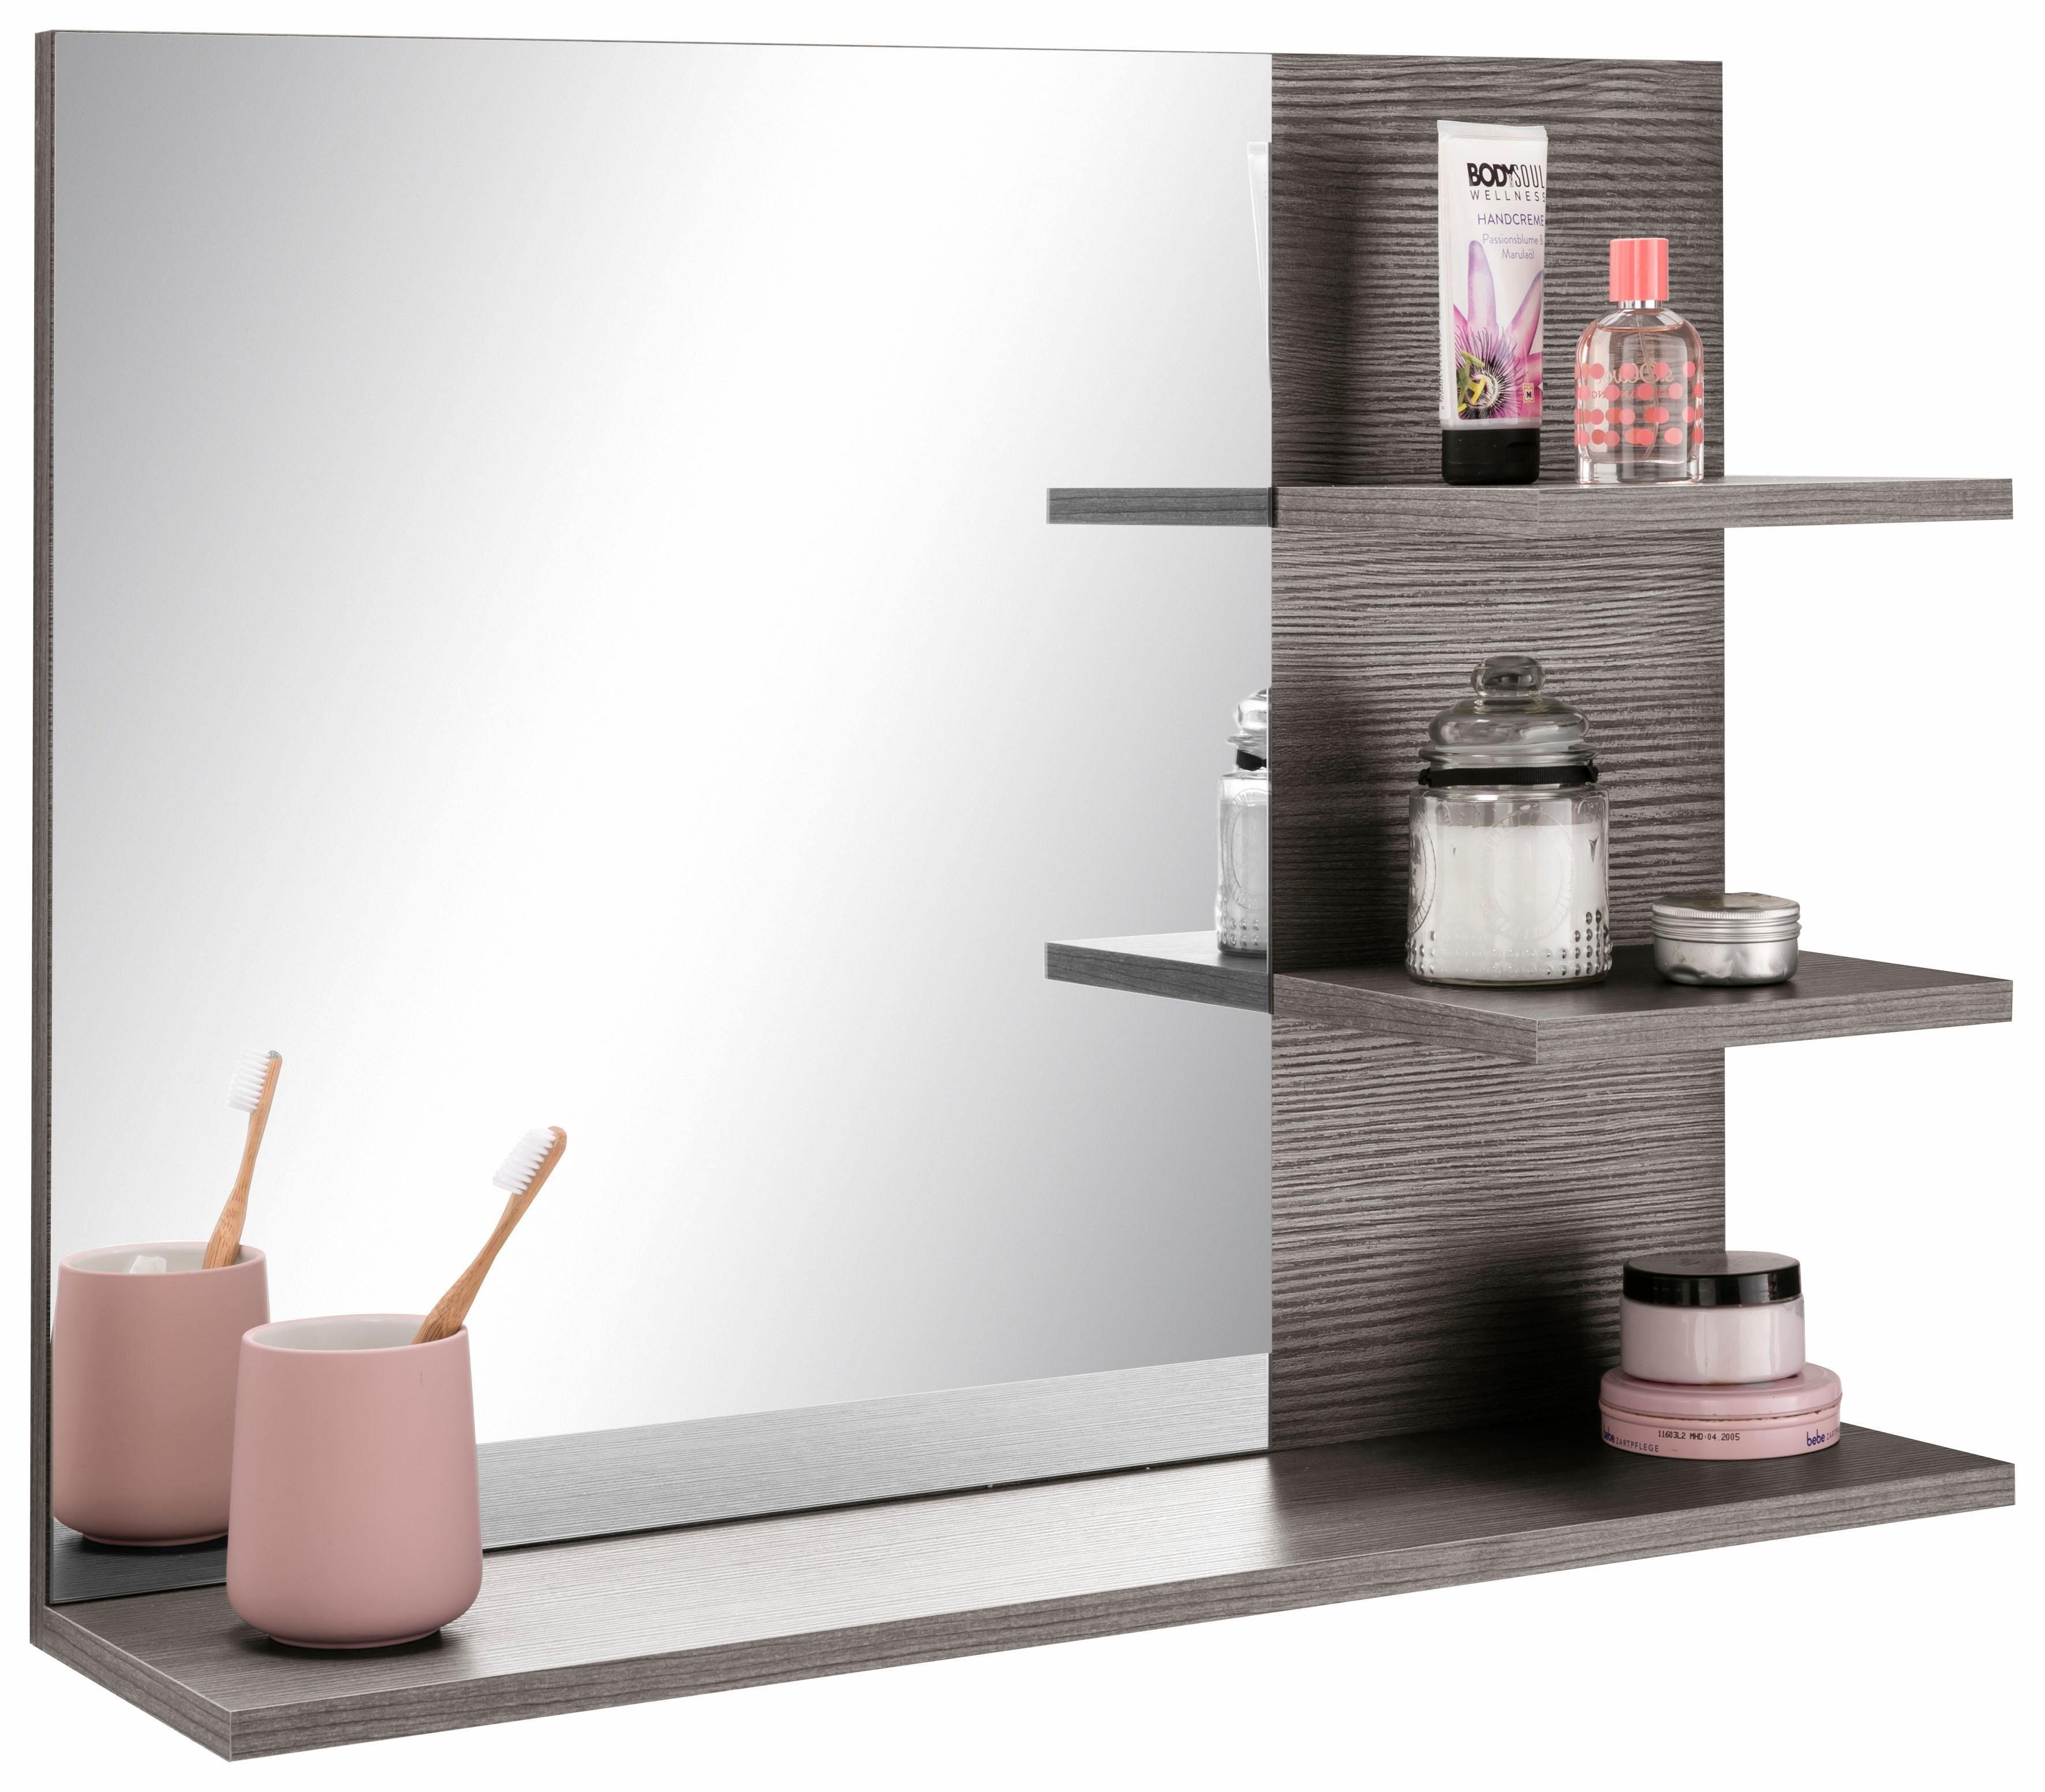 Hervorragend Badspiegel mit & ohne Beleuchtung » online kaufen | OTTO WA82